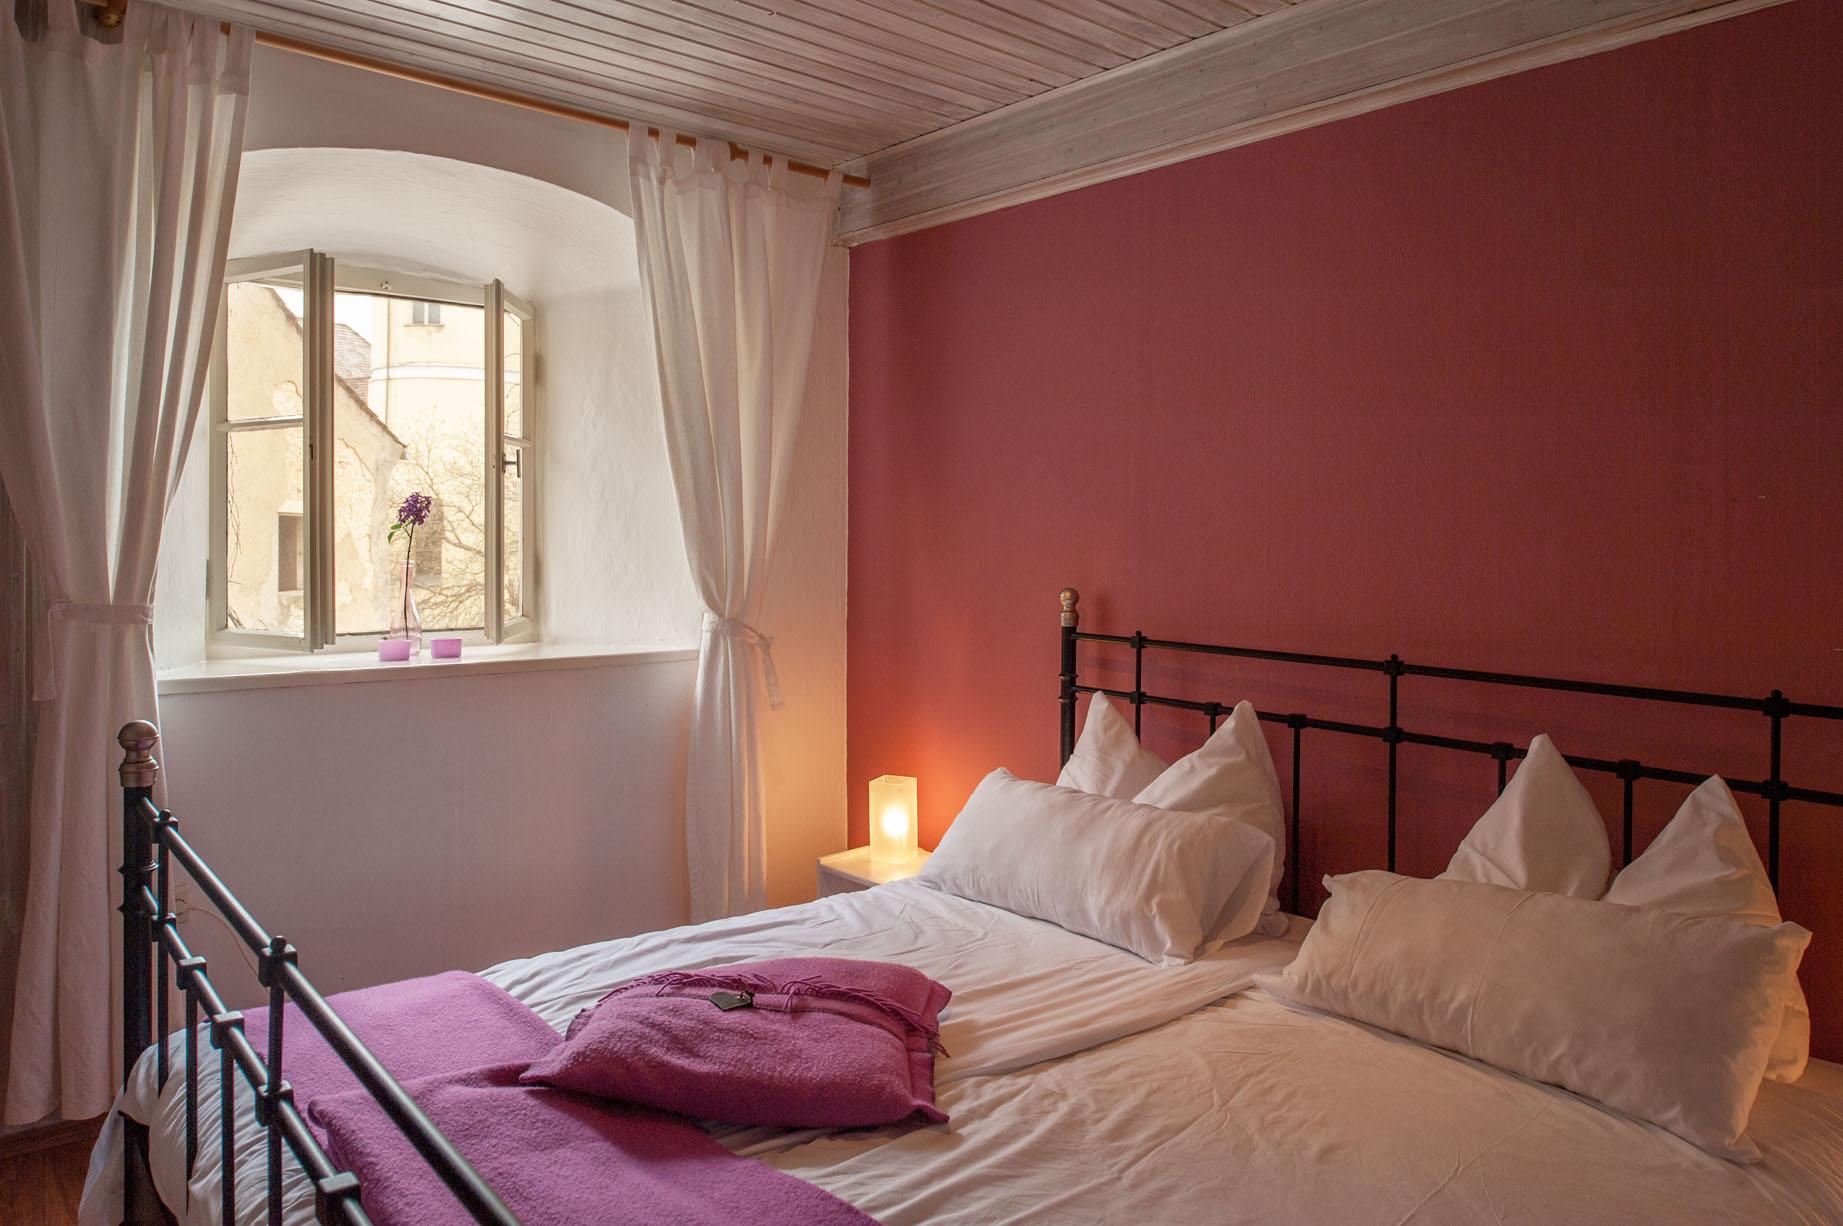 Slaapkamer vakantiehuis Torenwoning